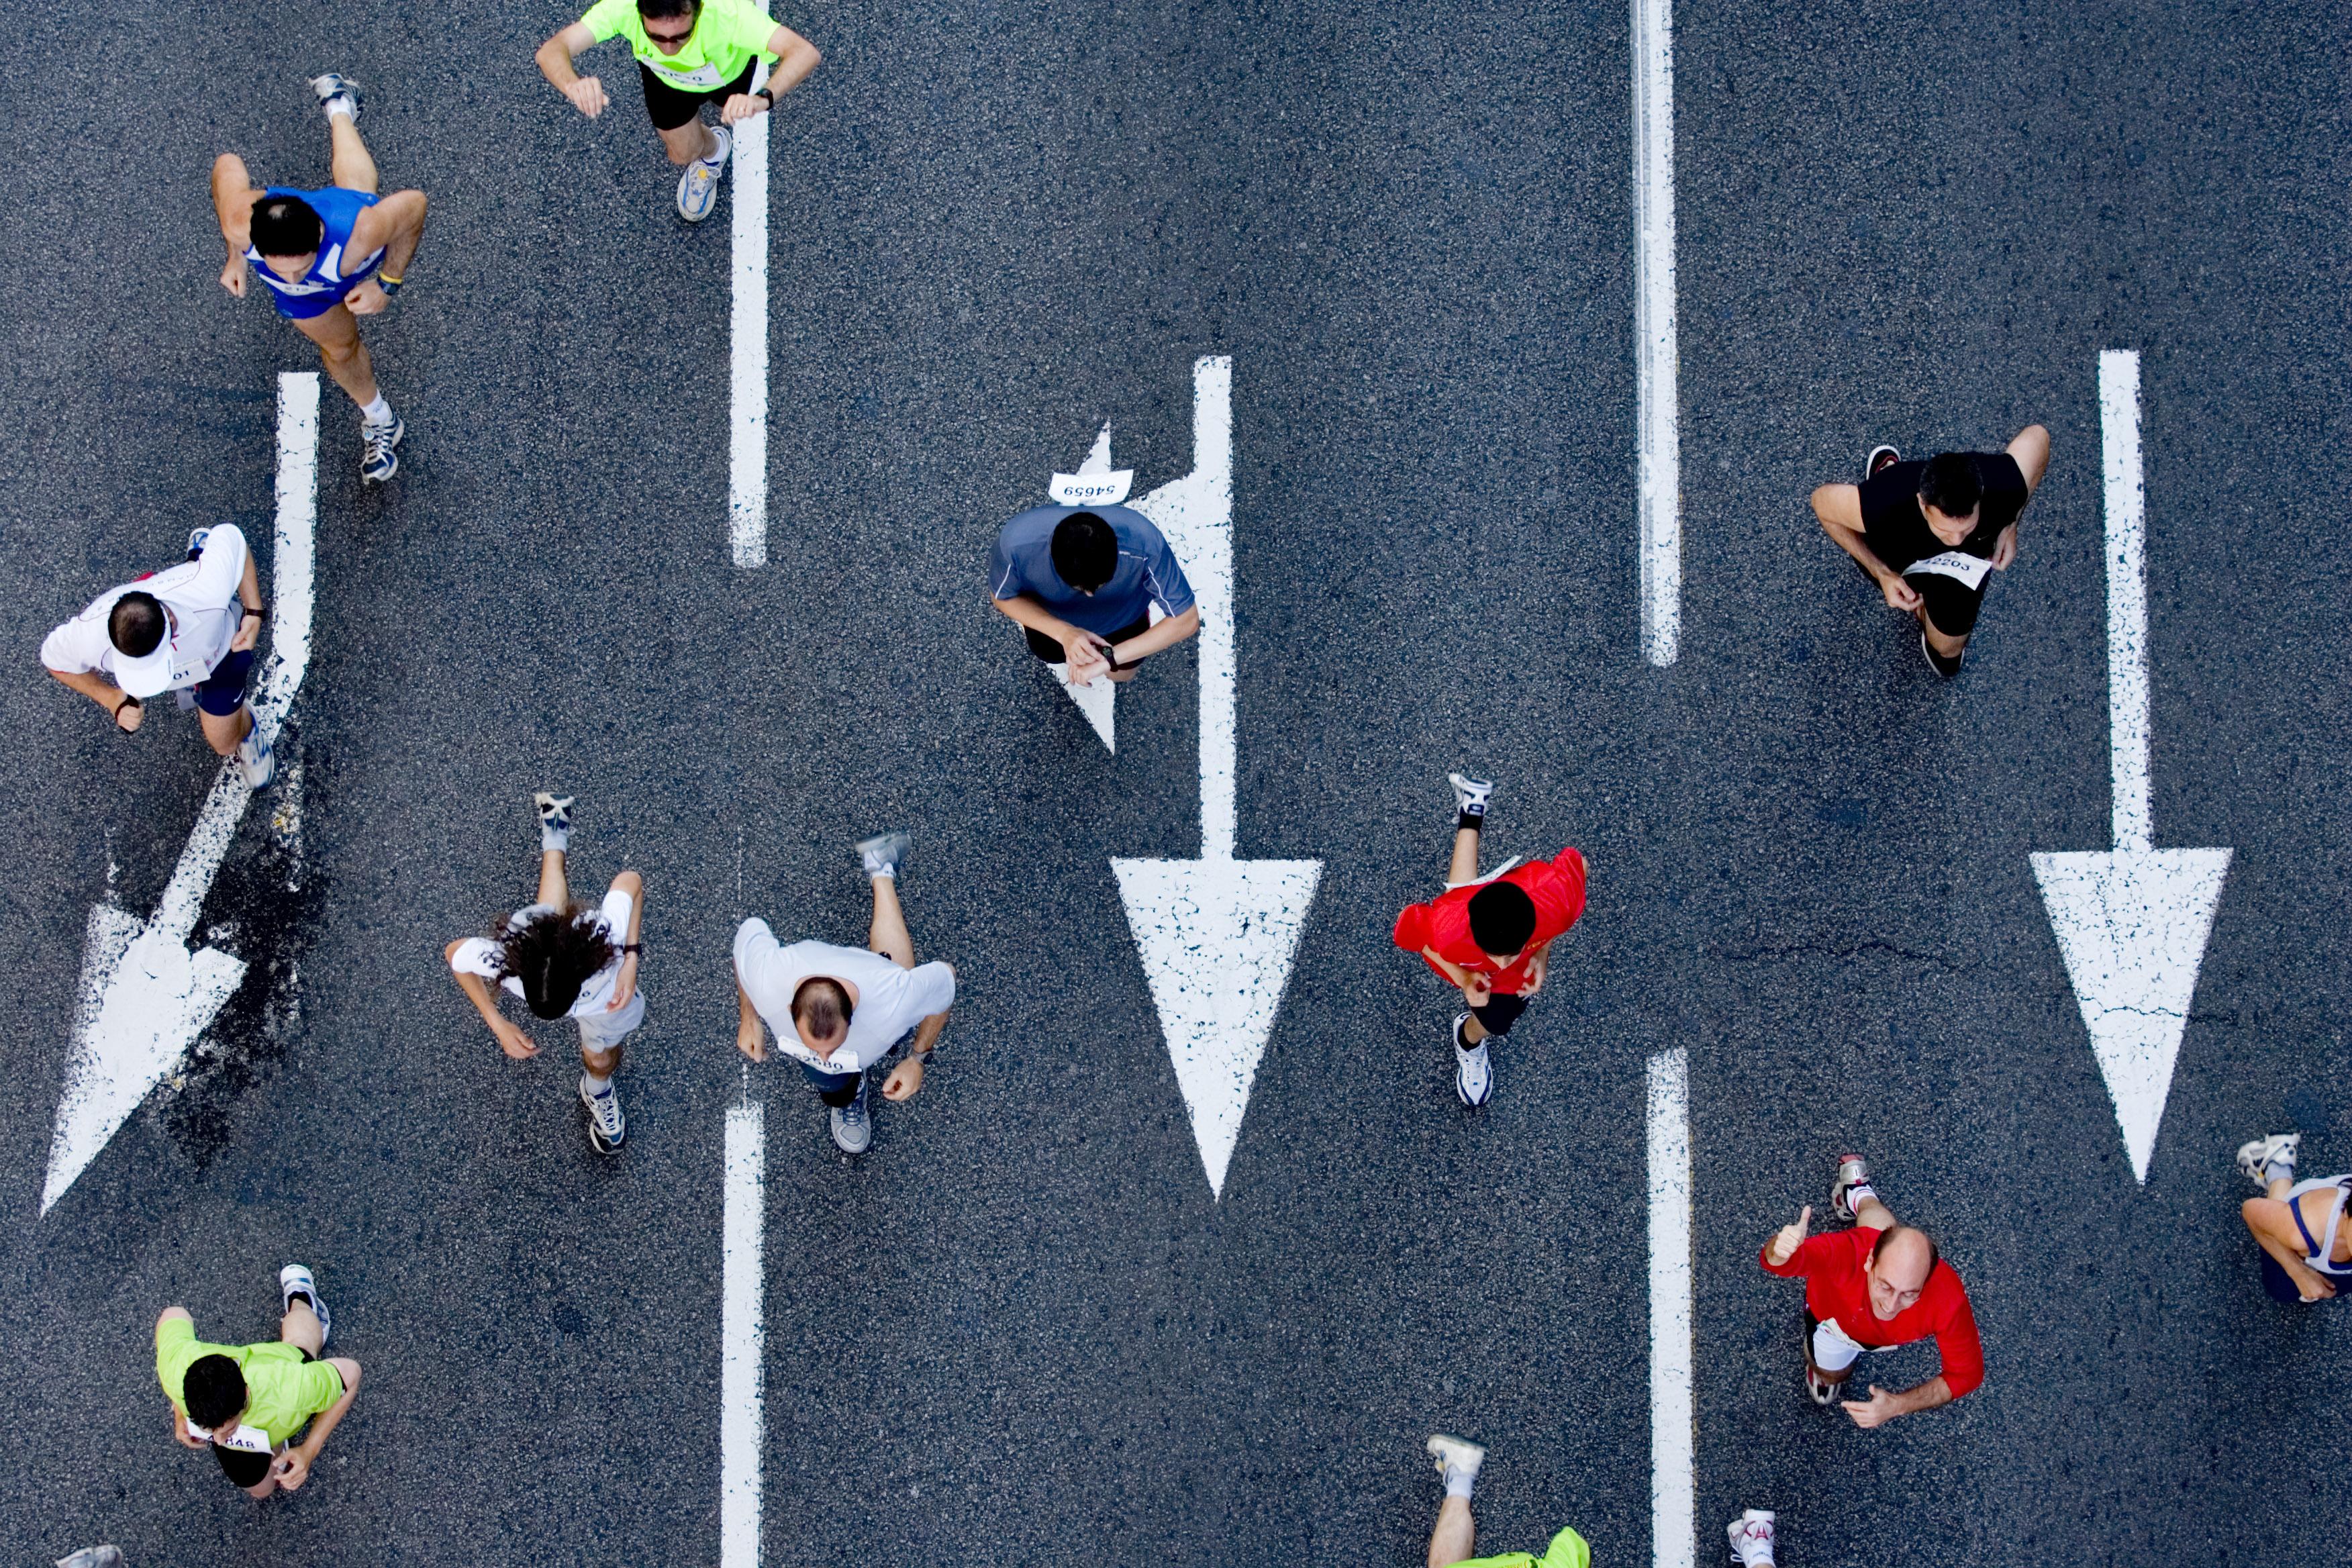 IMMOVATION AG fördert den Laufsport in der Region